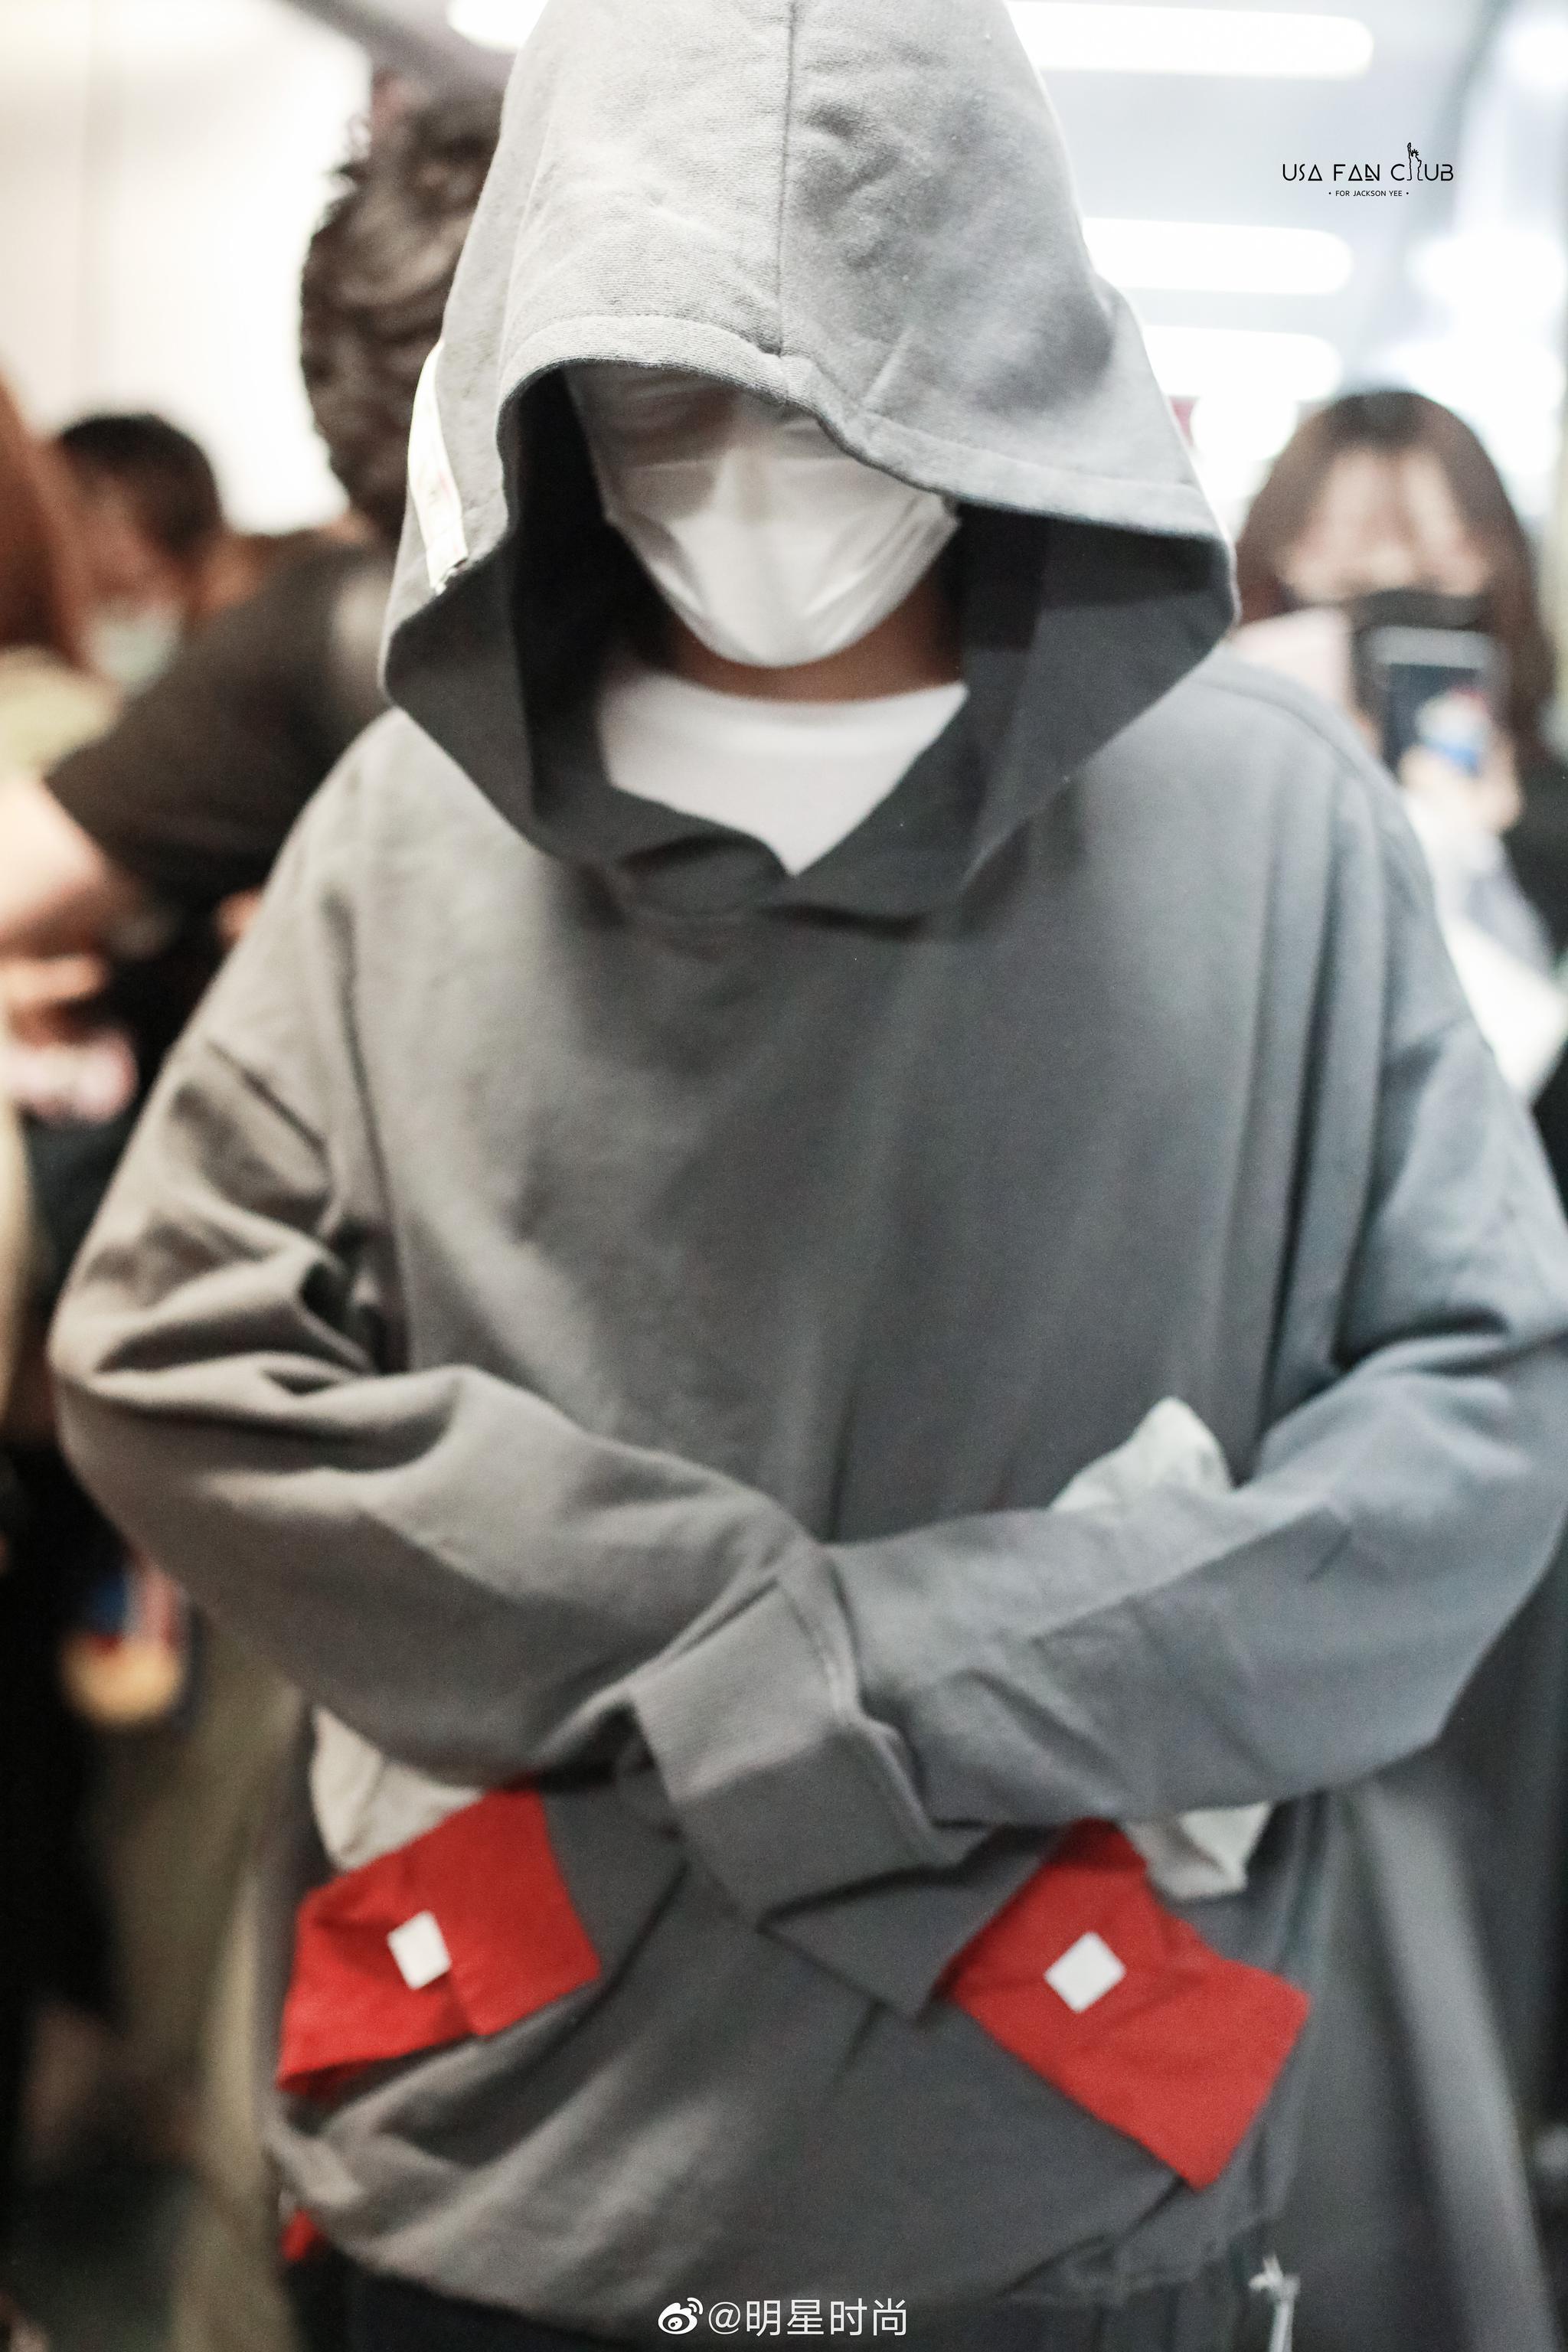 9月24日,易烊千玺现身上海机场,大佬的这身装扮太拉风了吧?